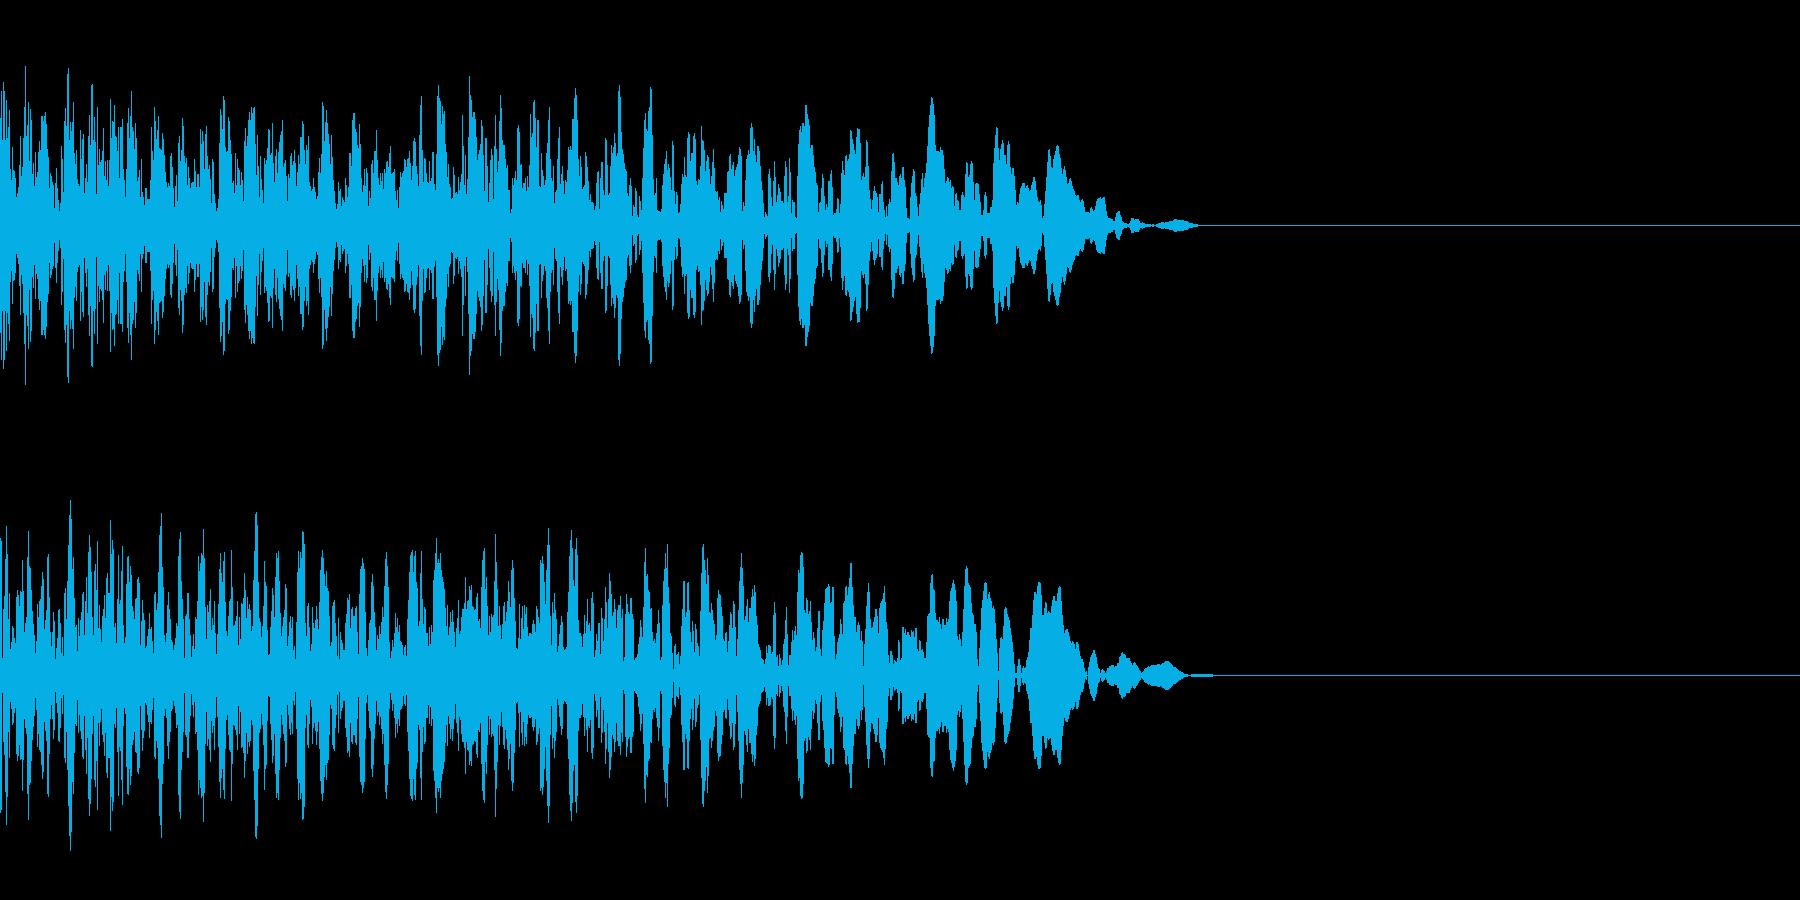 ギューン:テープストップの音の再生済みの波形